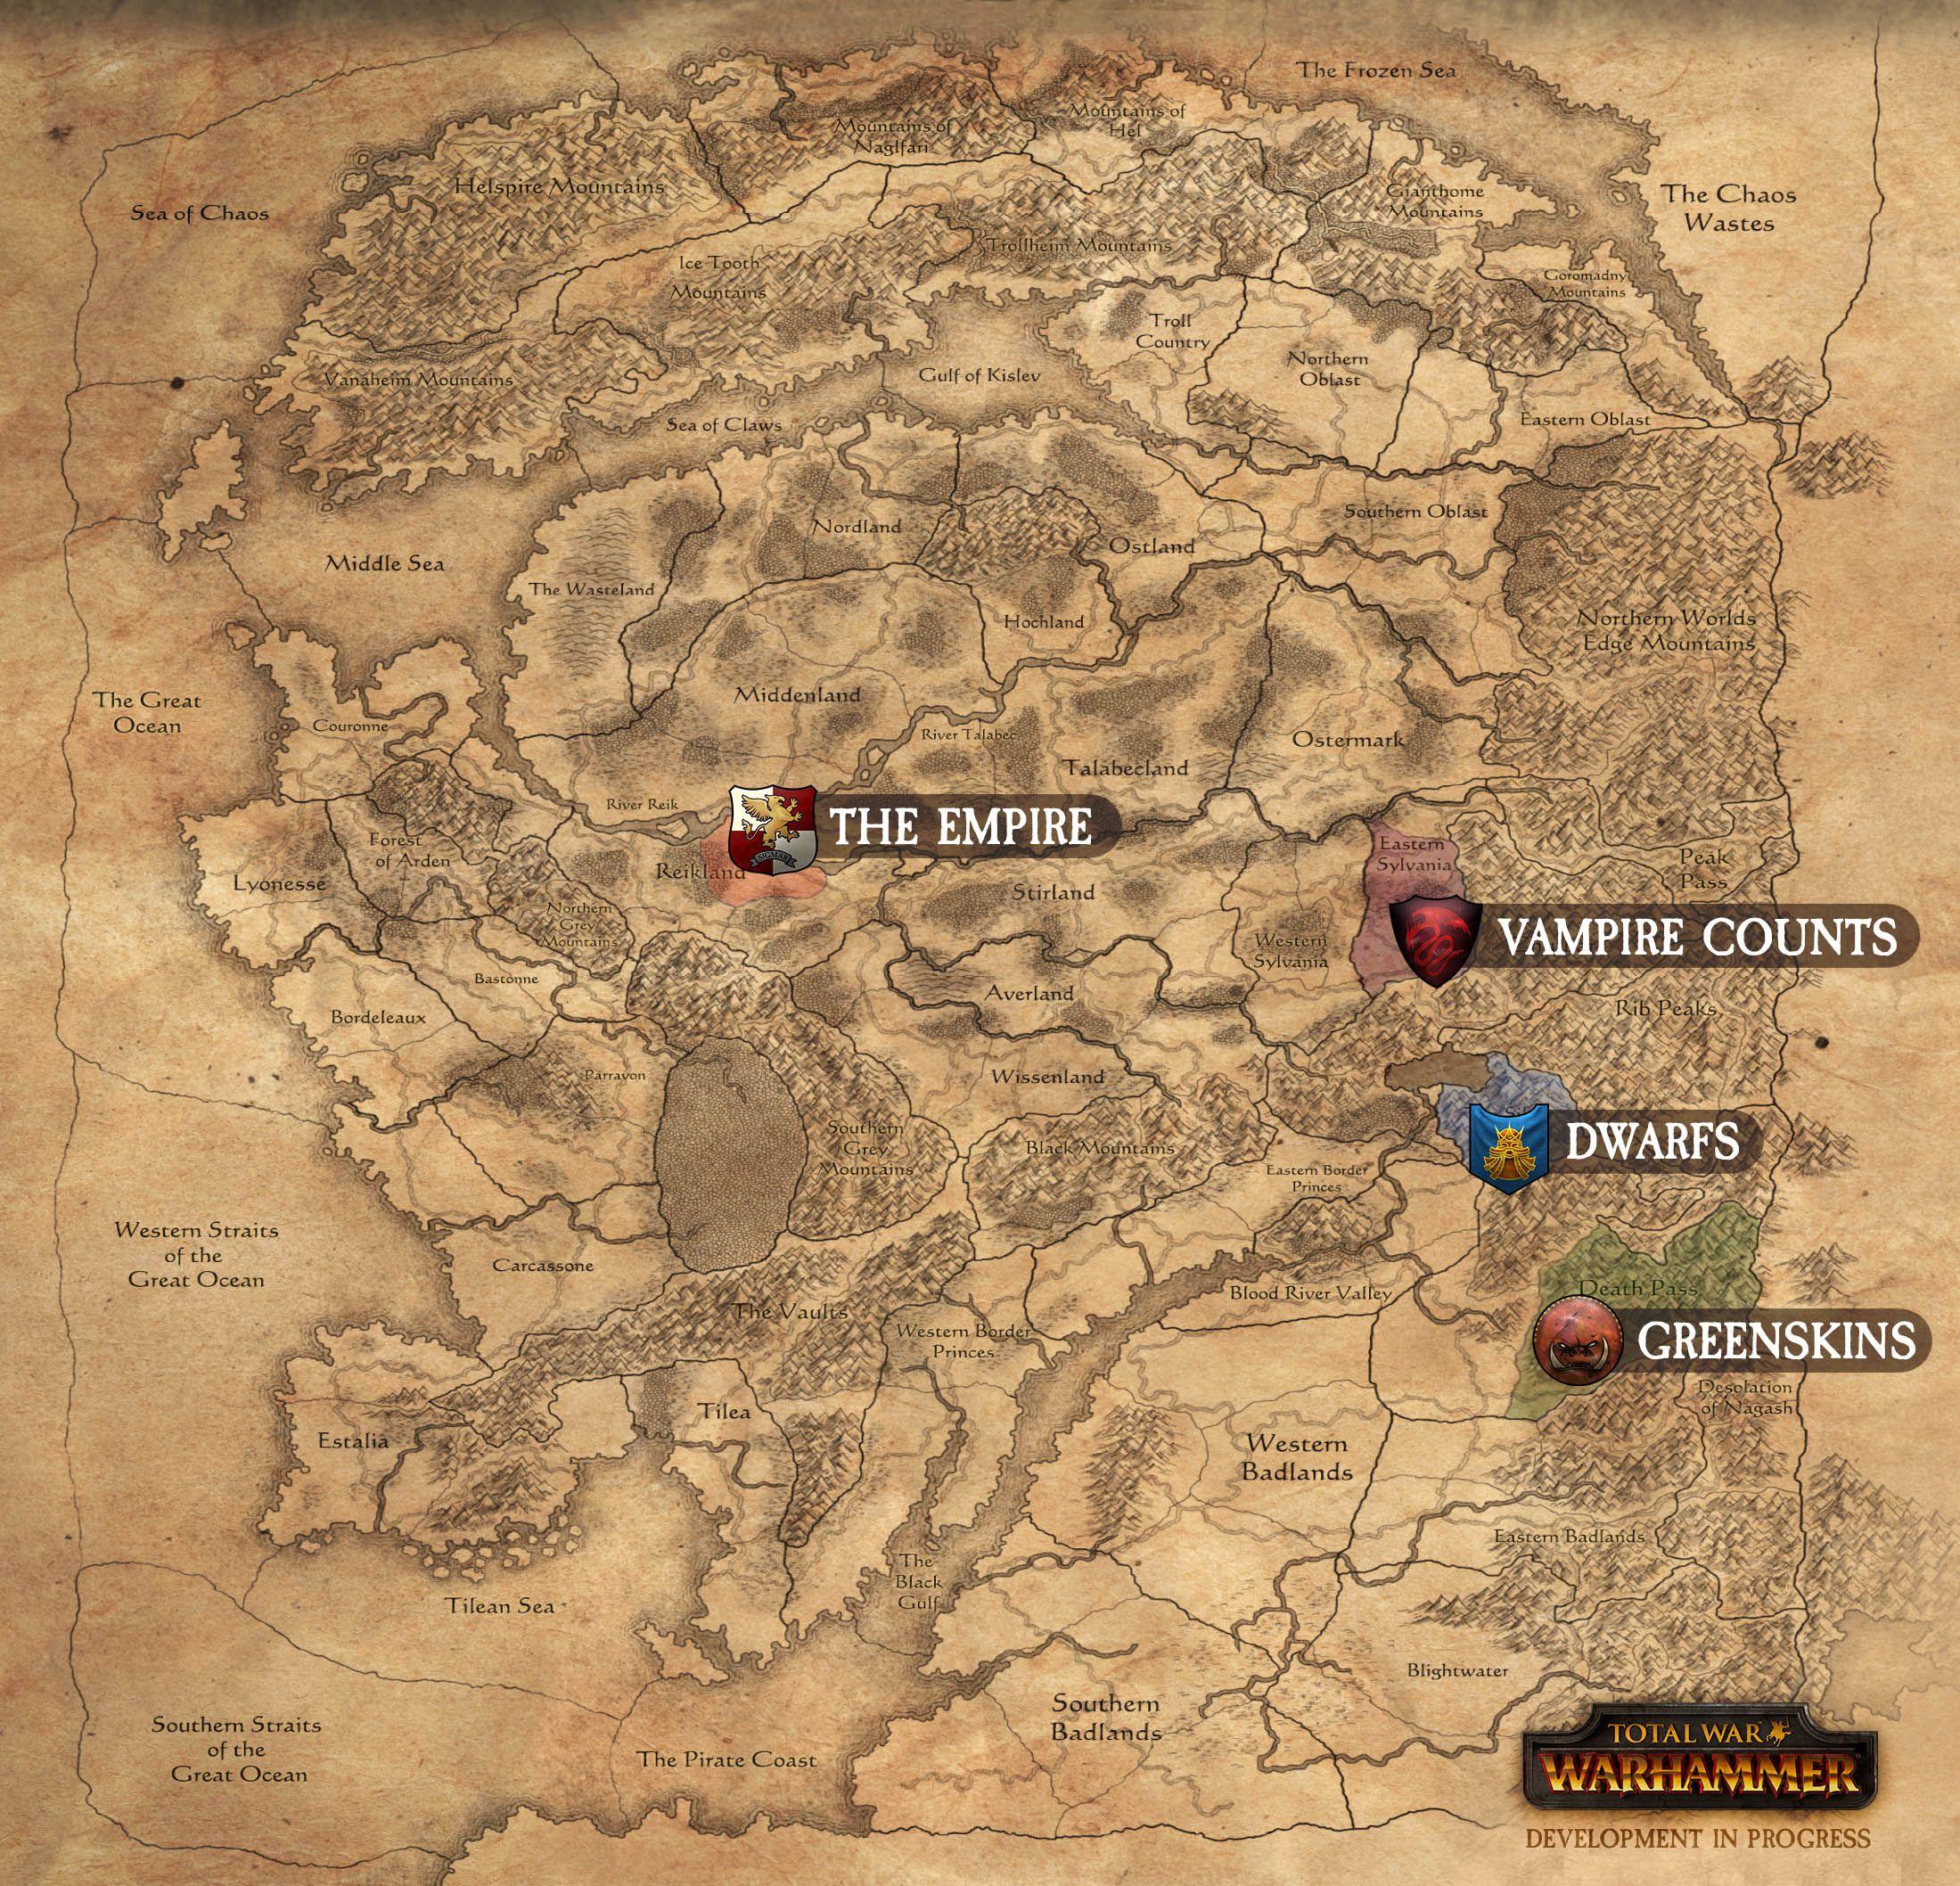 Mapg 21992116 warhammer maps pinterest warhammer fantasy mapg 21992116 gumiabroncs Gallery